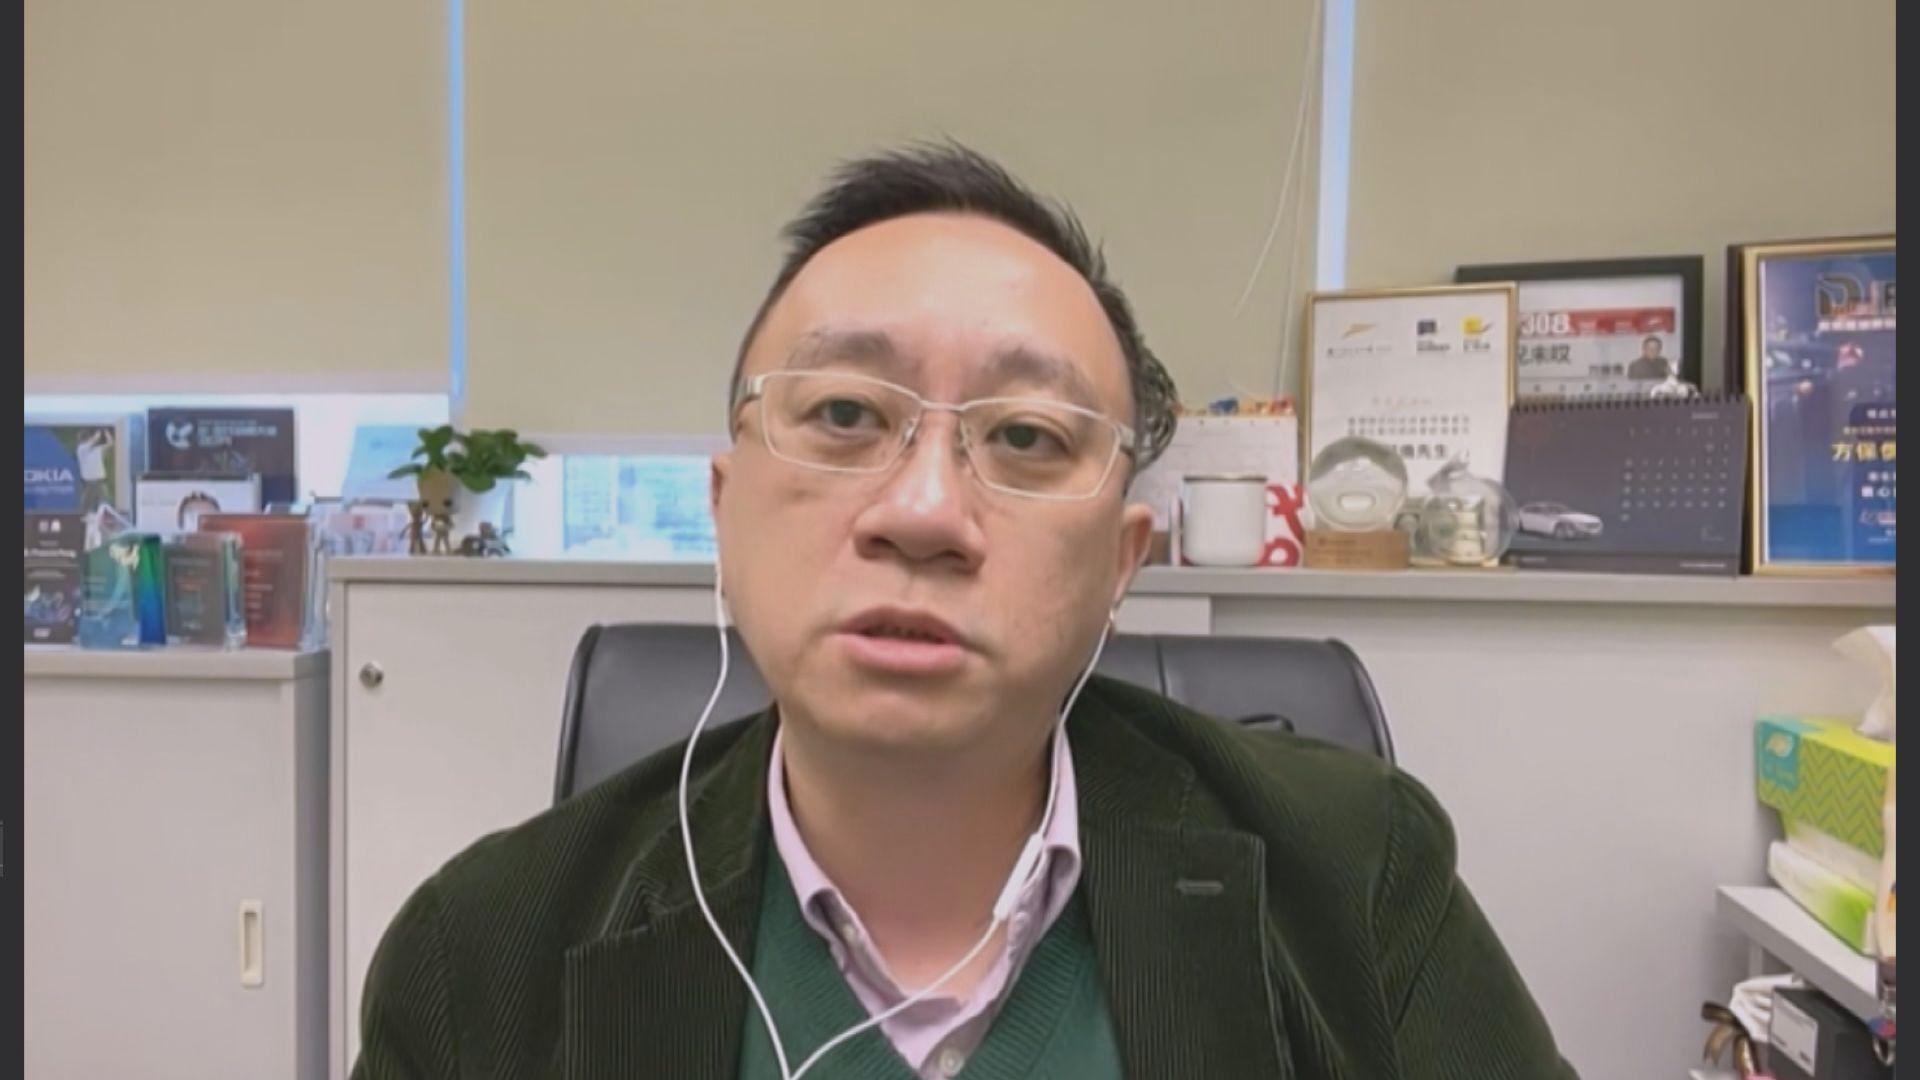 方保僑:電話卡實名登記 小型虛擬網絡供應商難核實資料真偽